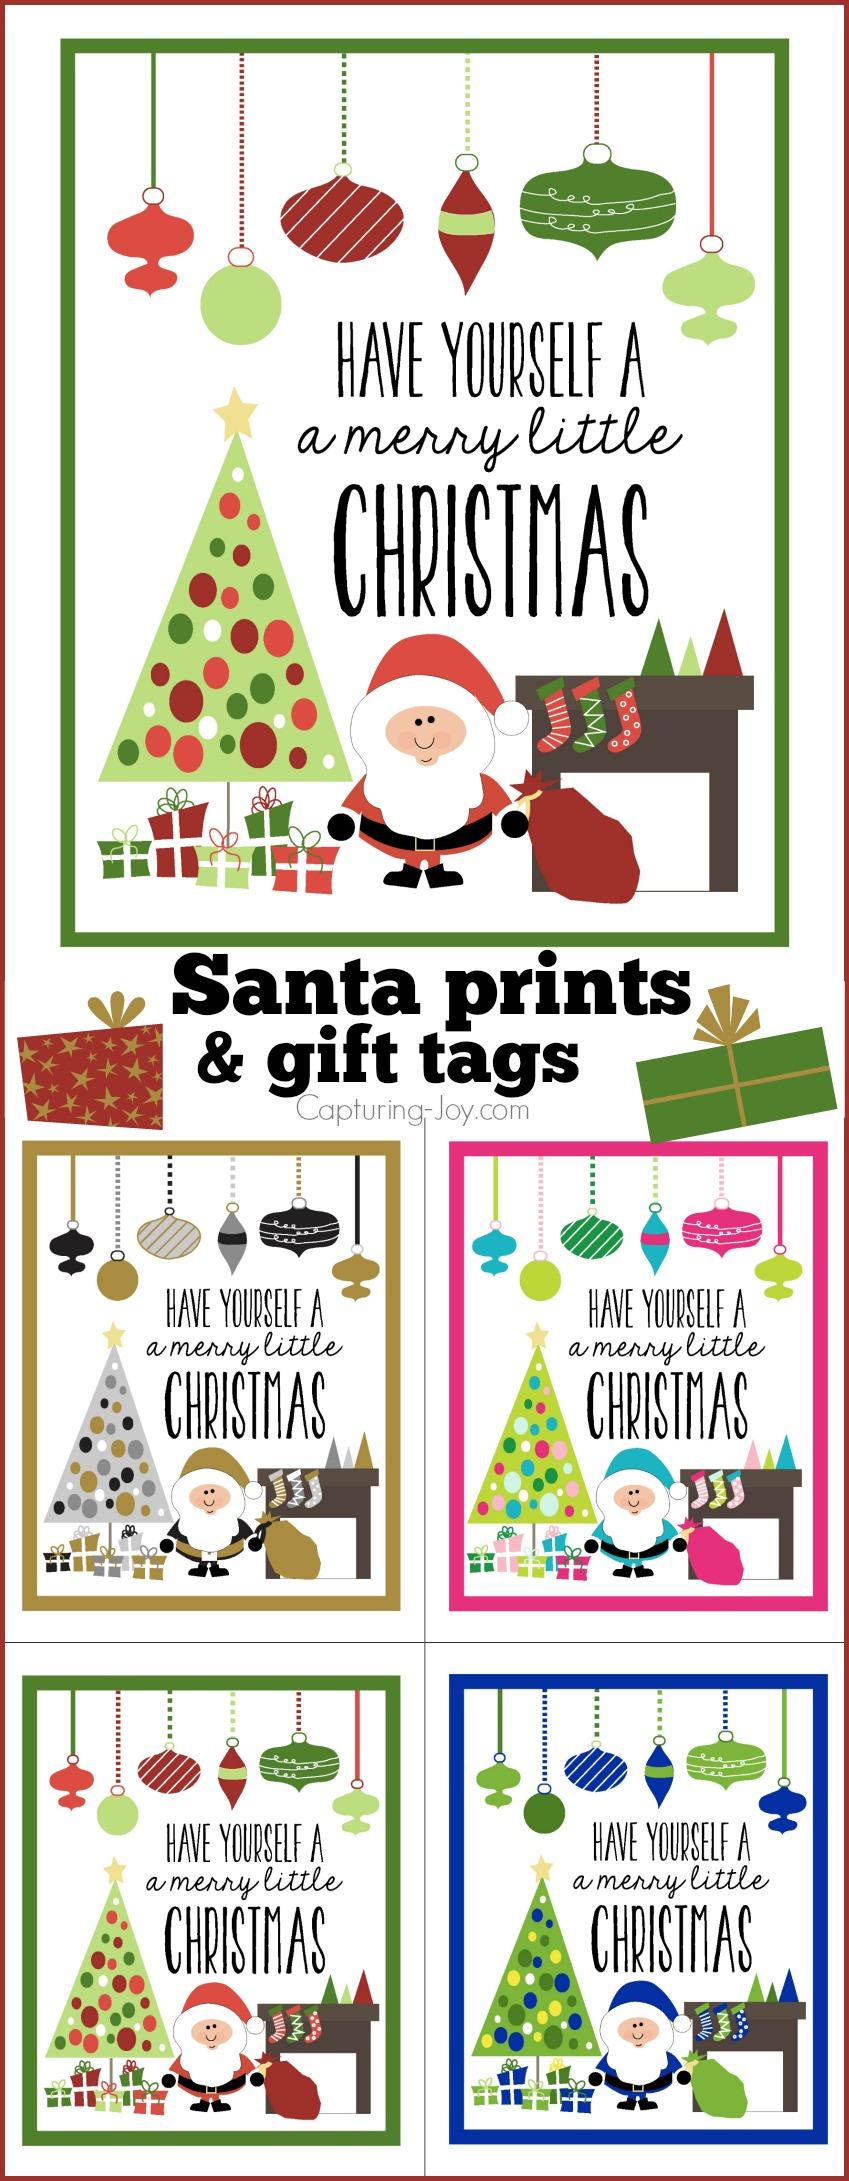 Santa 8x10 print and gift tags for Christmas